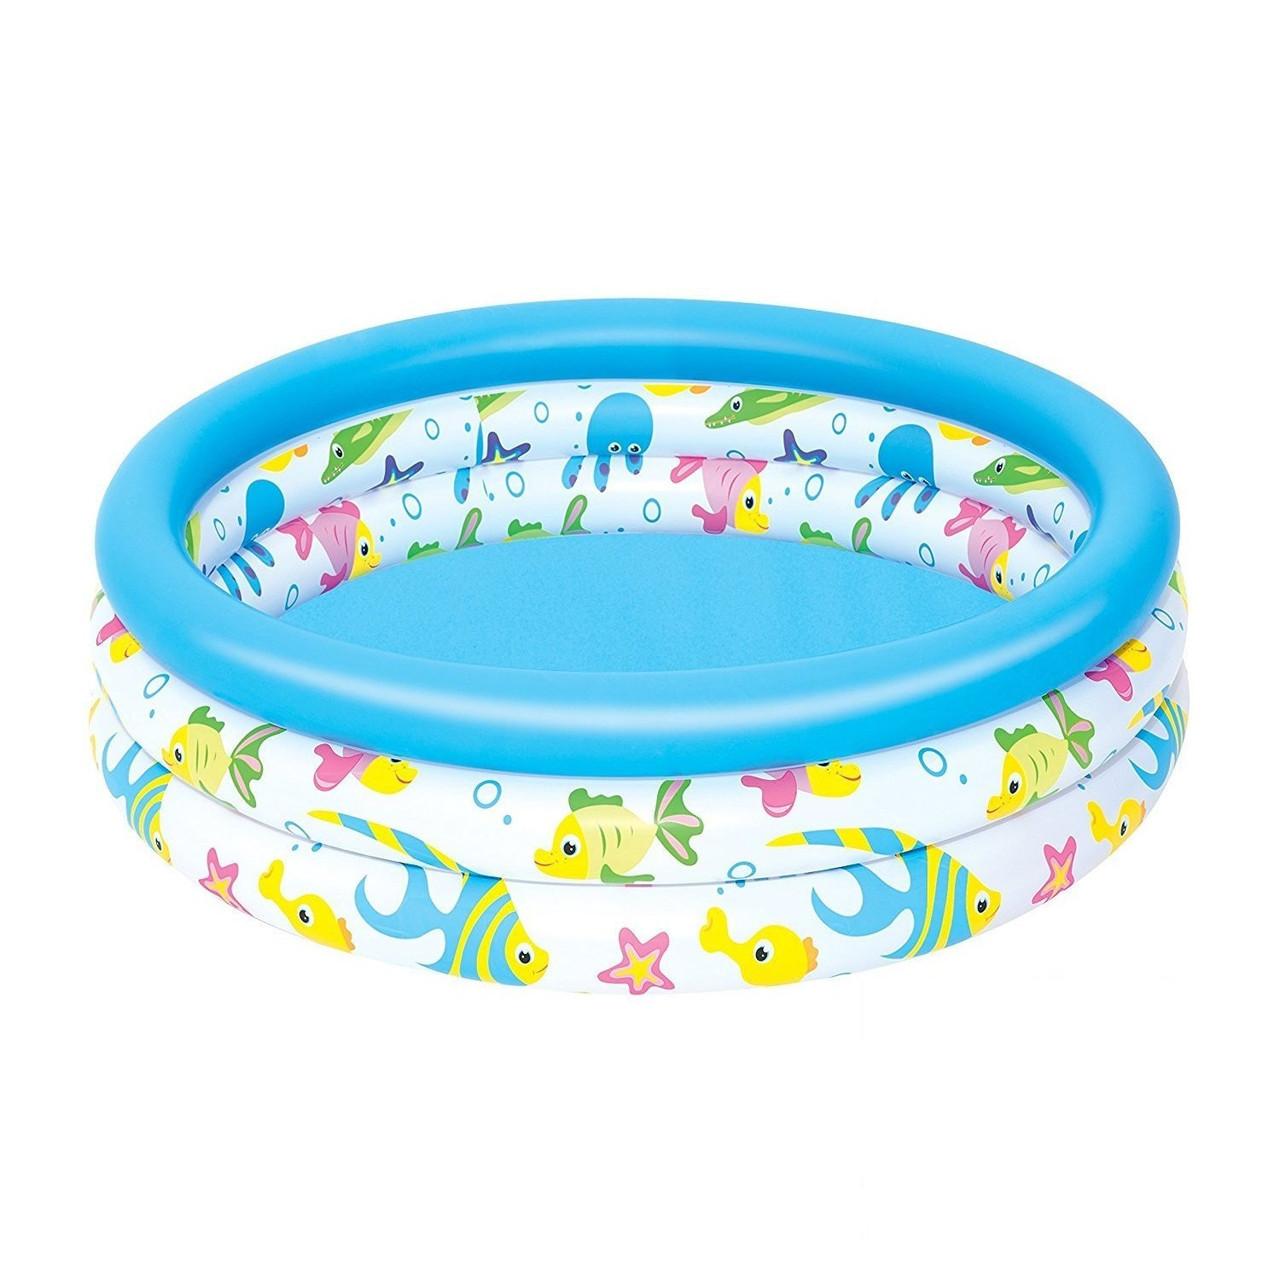 Детский надувной бассейн Bestway 51008 «Океан», 102 х 25 см